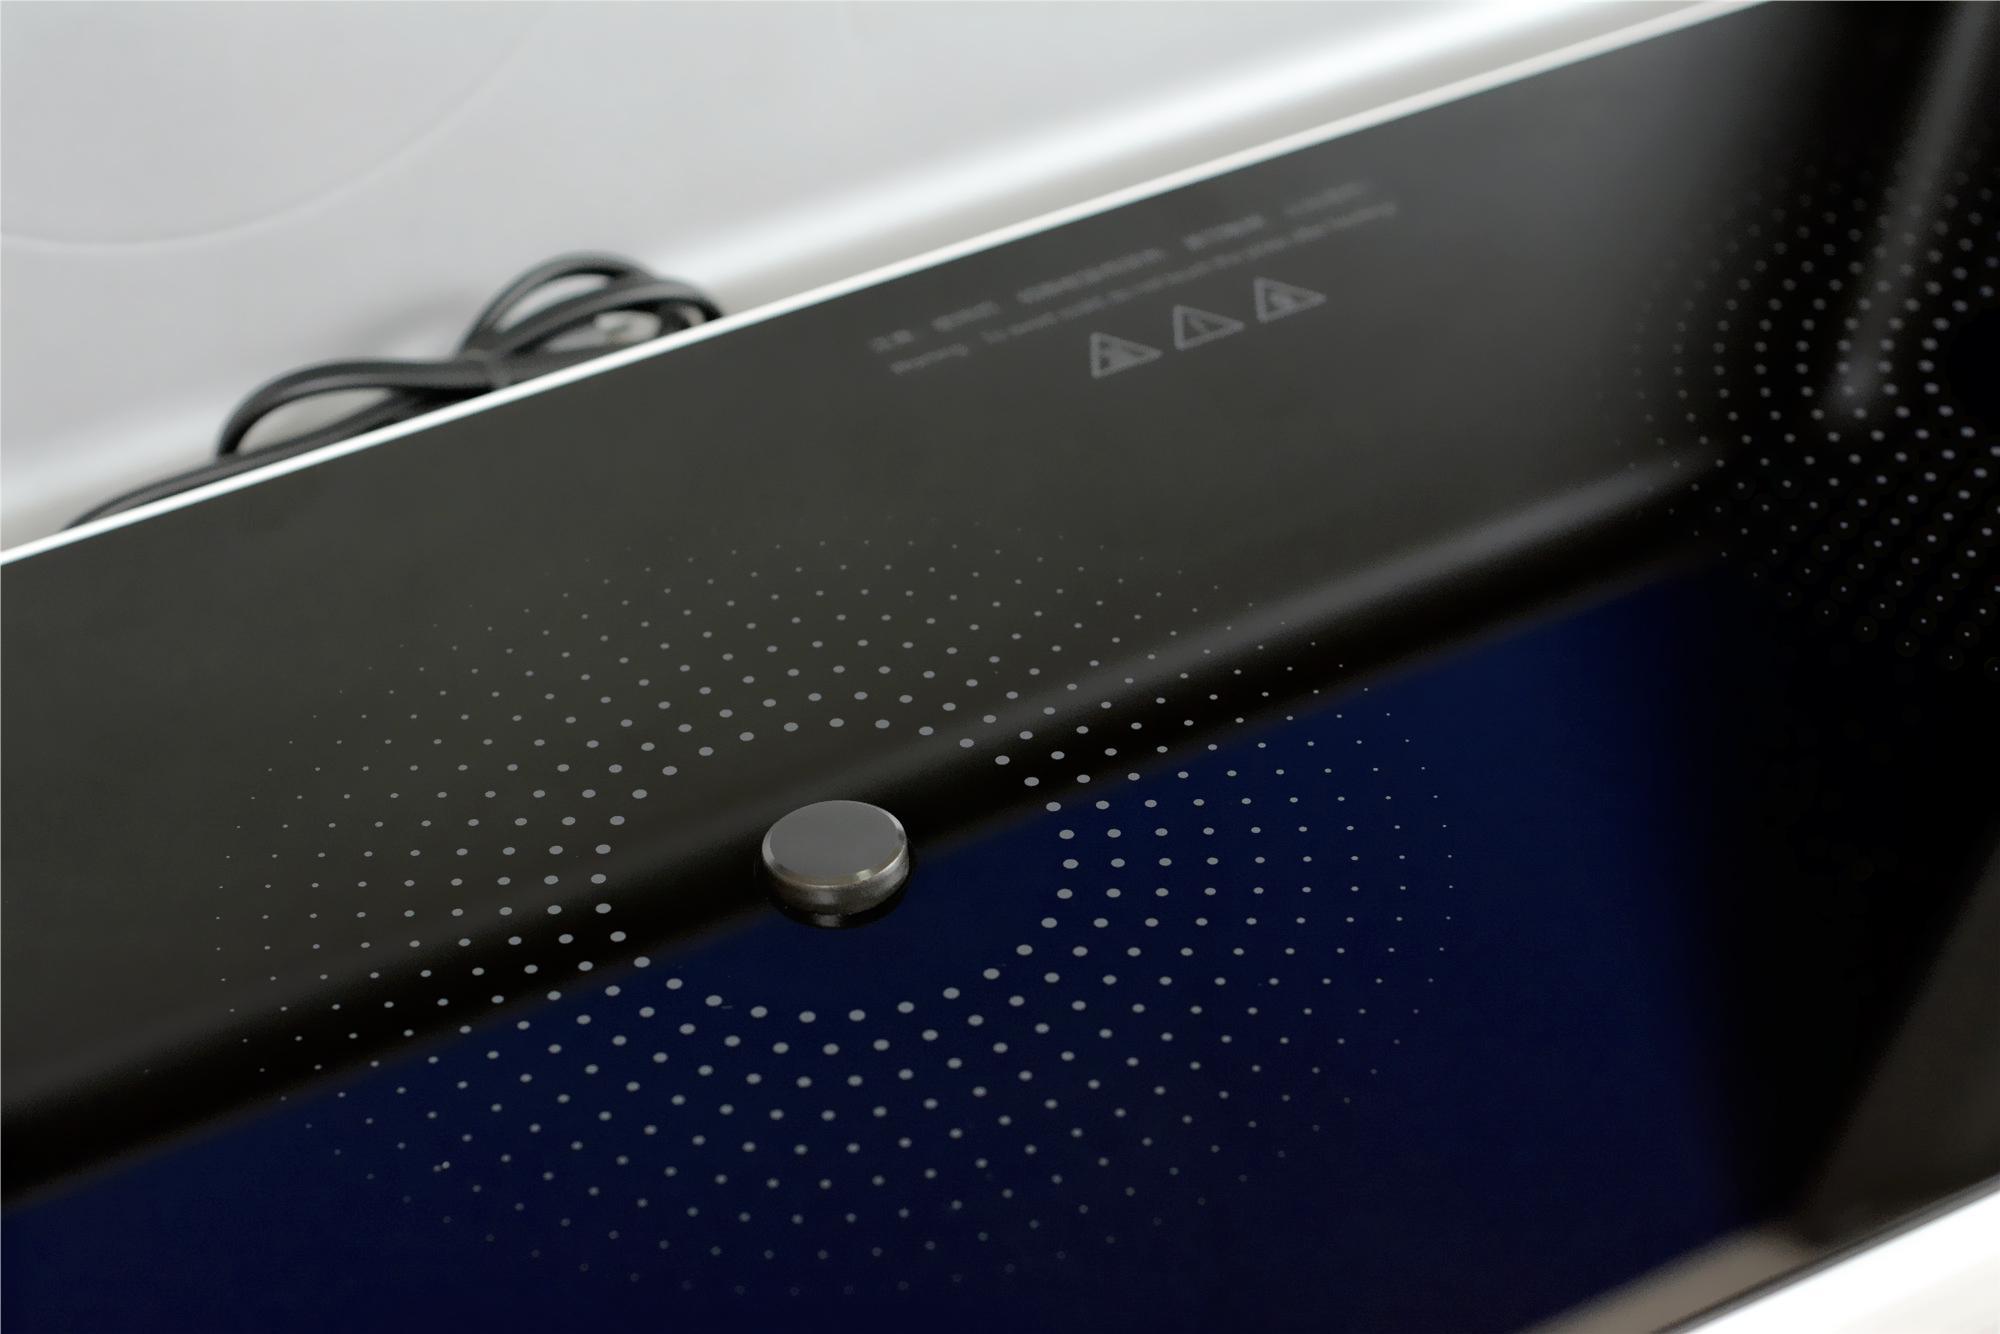 米家双口电磁炉评测:100级火力,还自带超大烤盘